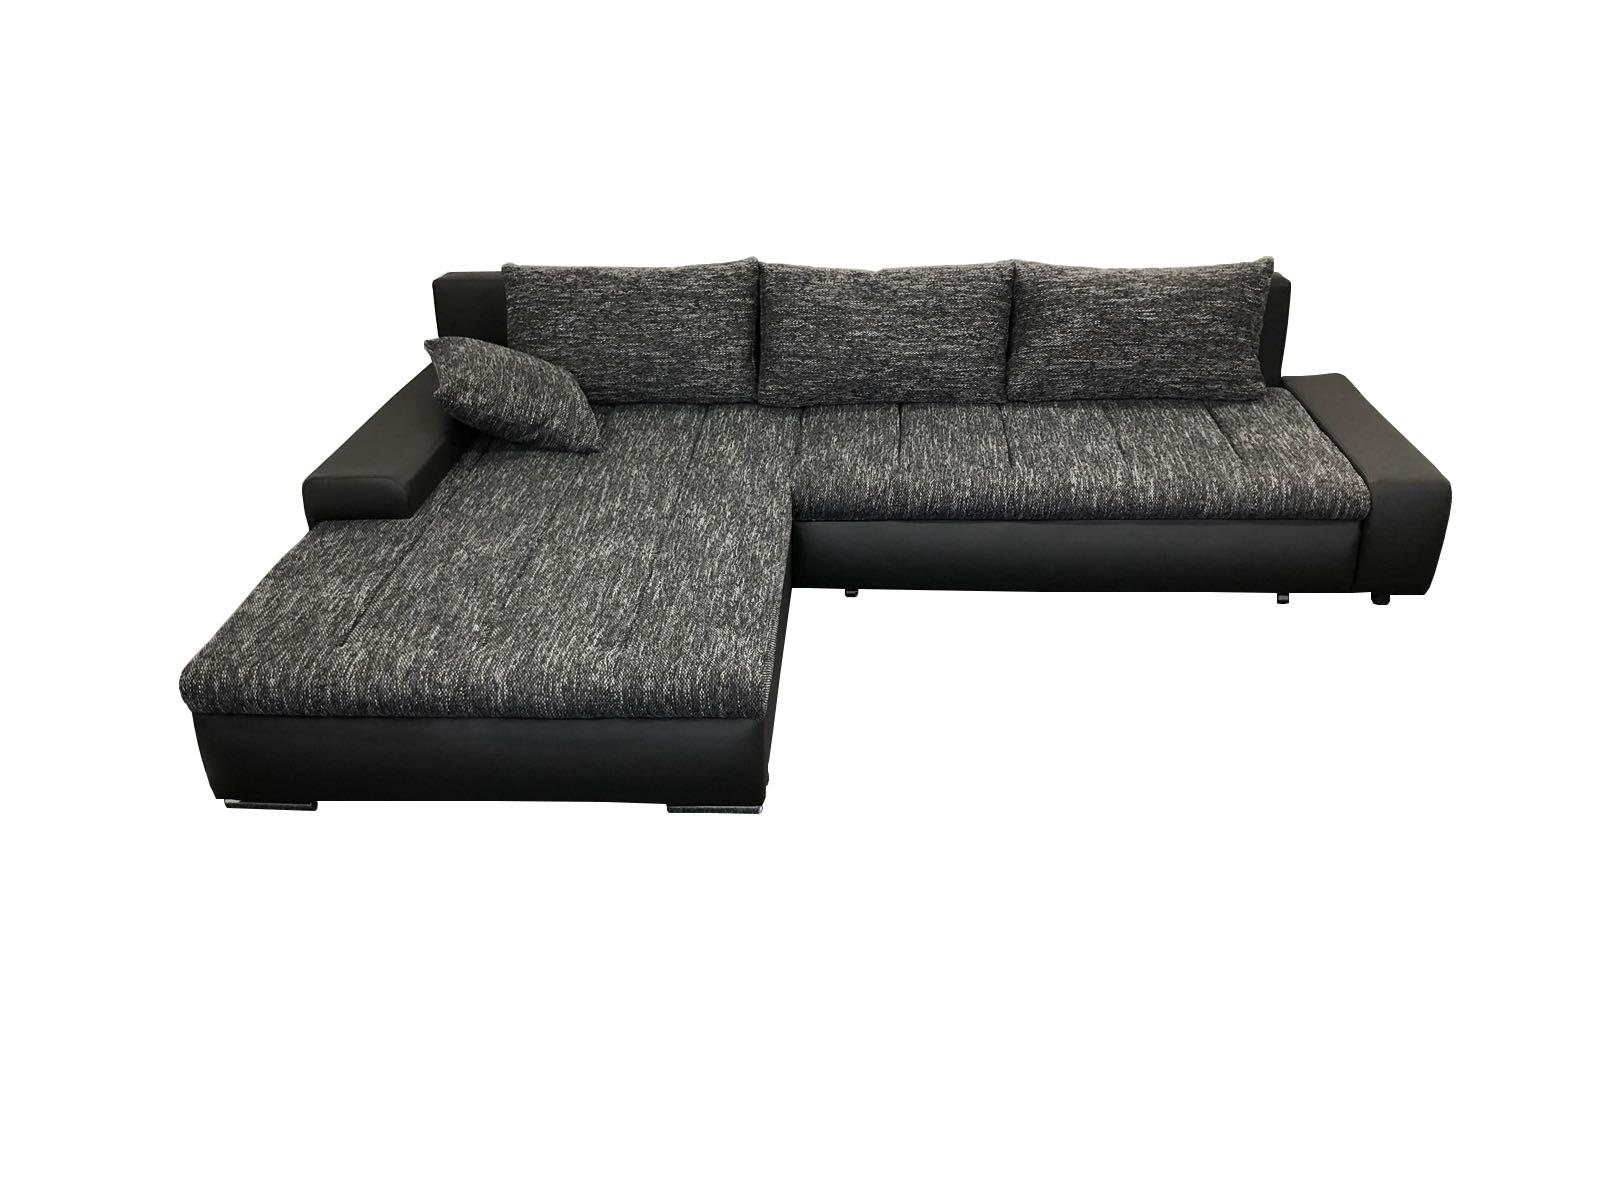 foto van hoeksalon tivano in zwarte kleur te koop bij seats4you tegen scherpe prijs.